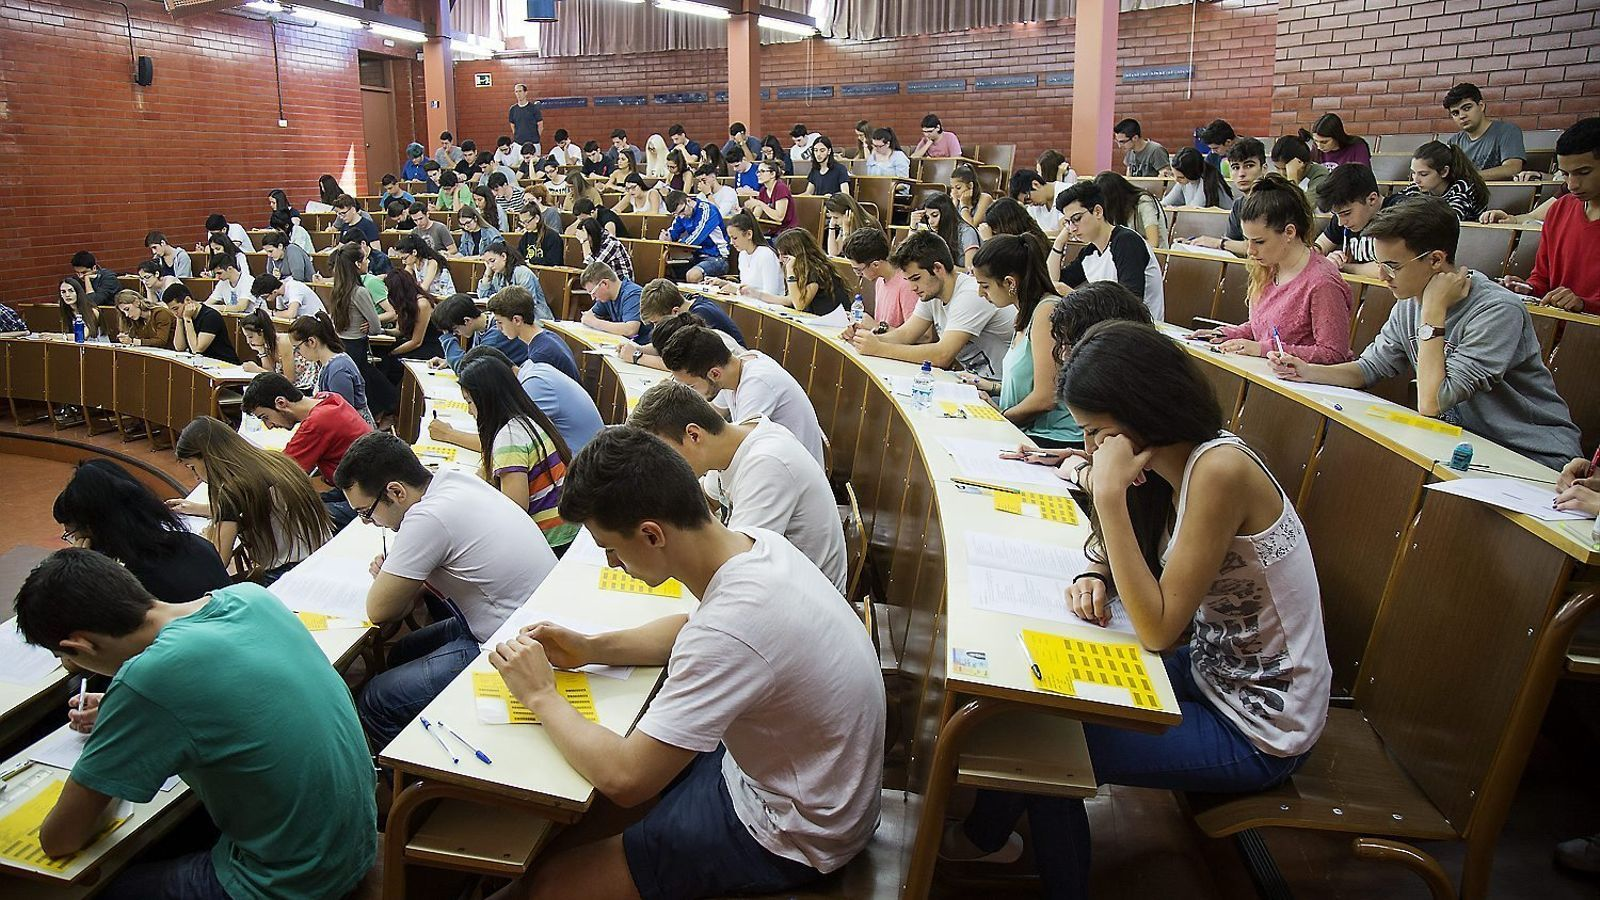 Alumnes fent la selectivitat, en una imatge d'arxiu. Els canvis a la prova d'aquest any han generat la indignació de professors i estudiants.